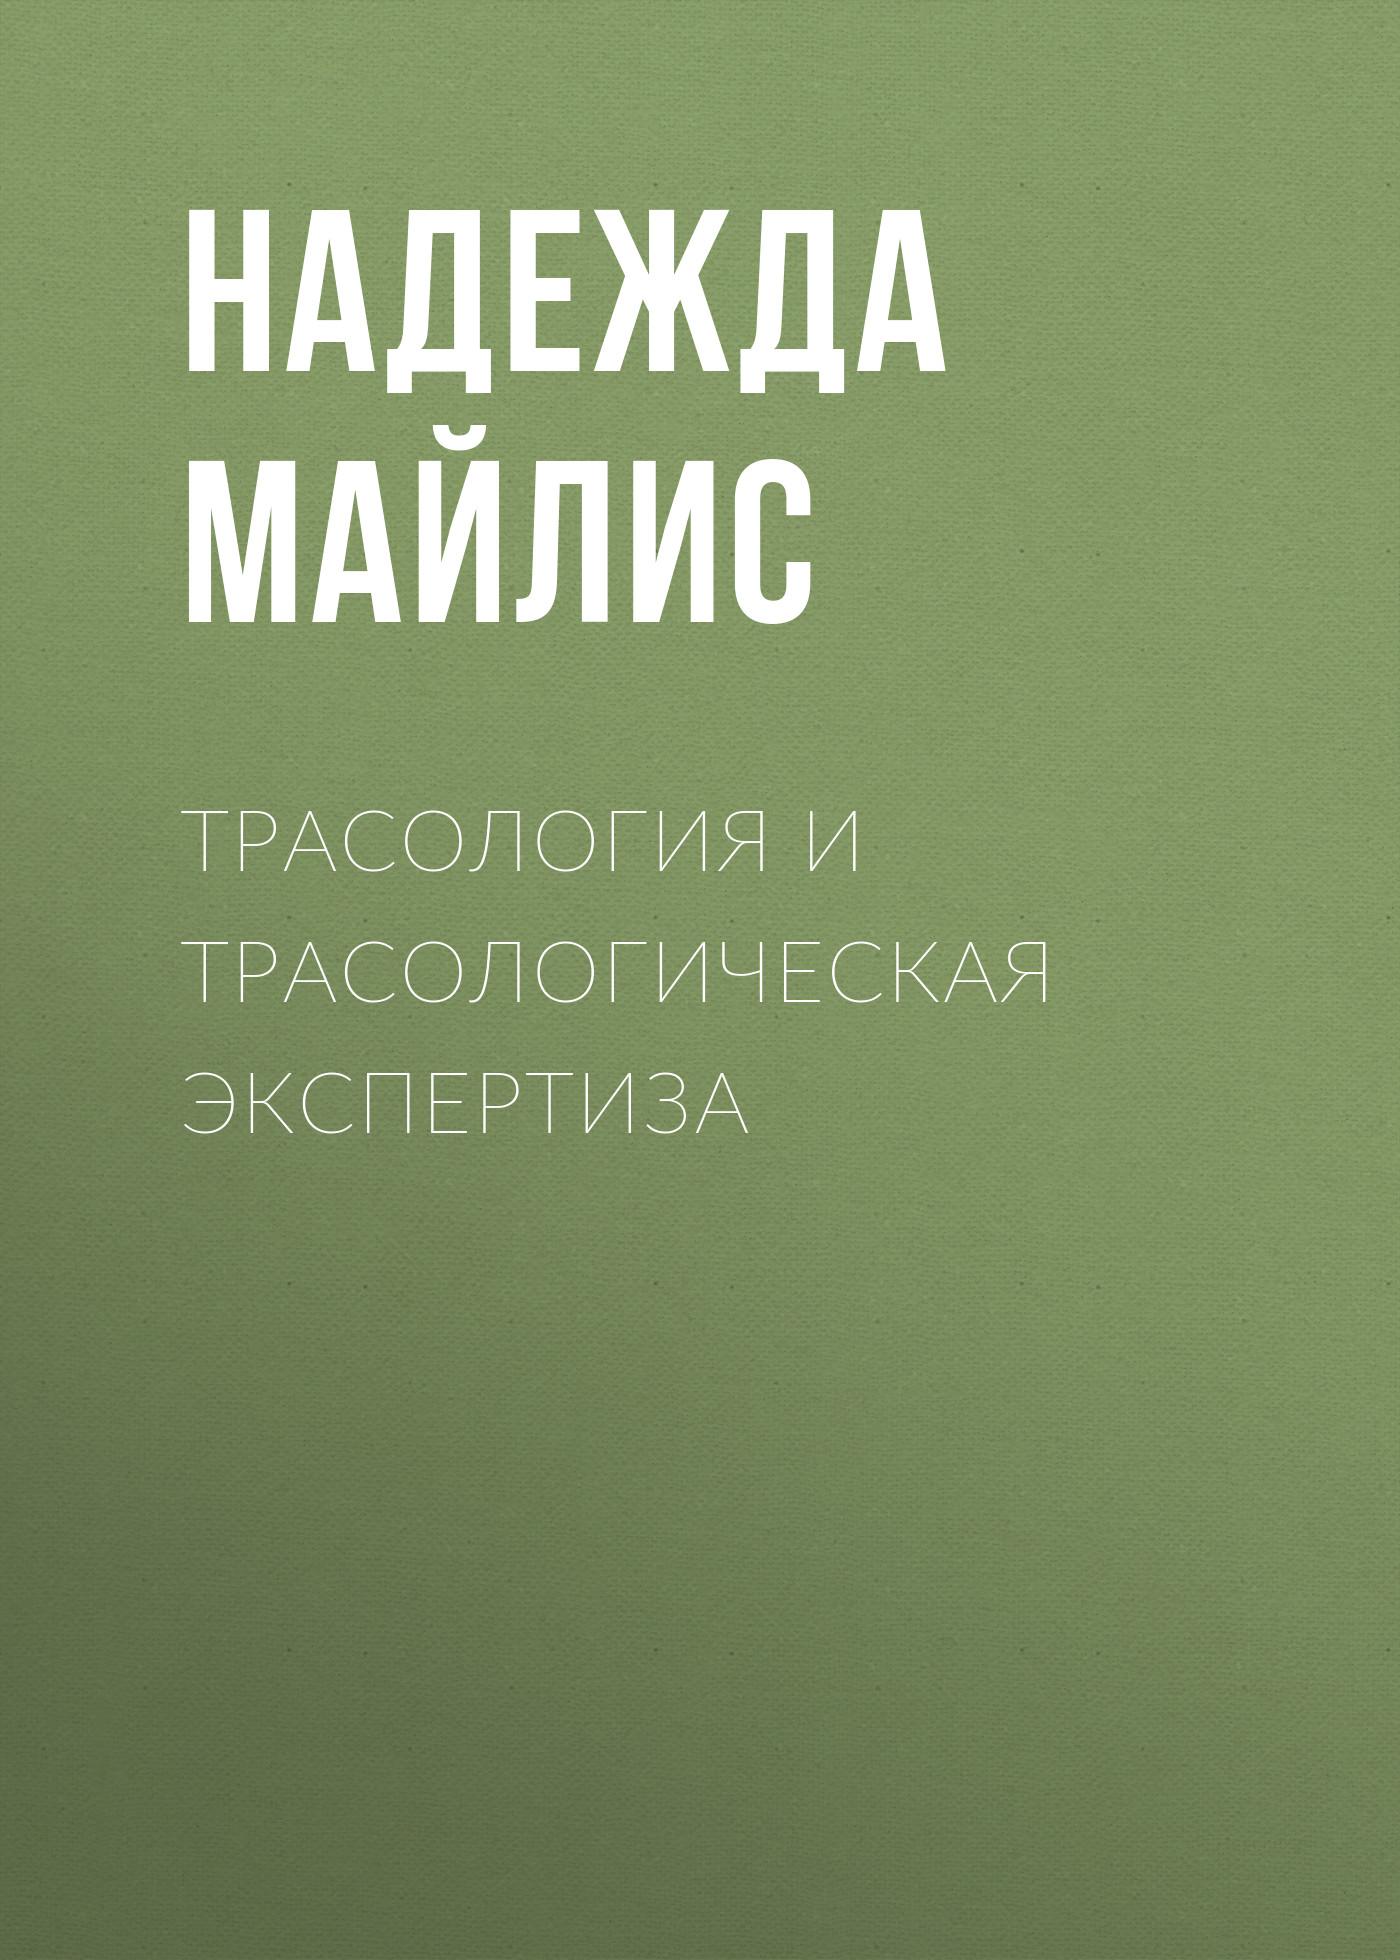 Фото - Н. П. Майлис Трасология и трасологическая экспертиза котенева т в методологические основы судебно экономической экспертизы